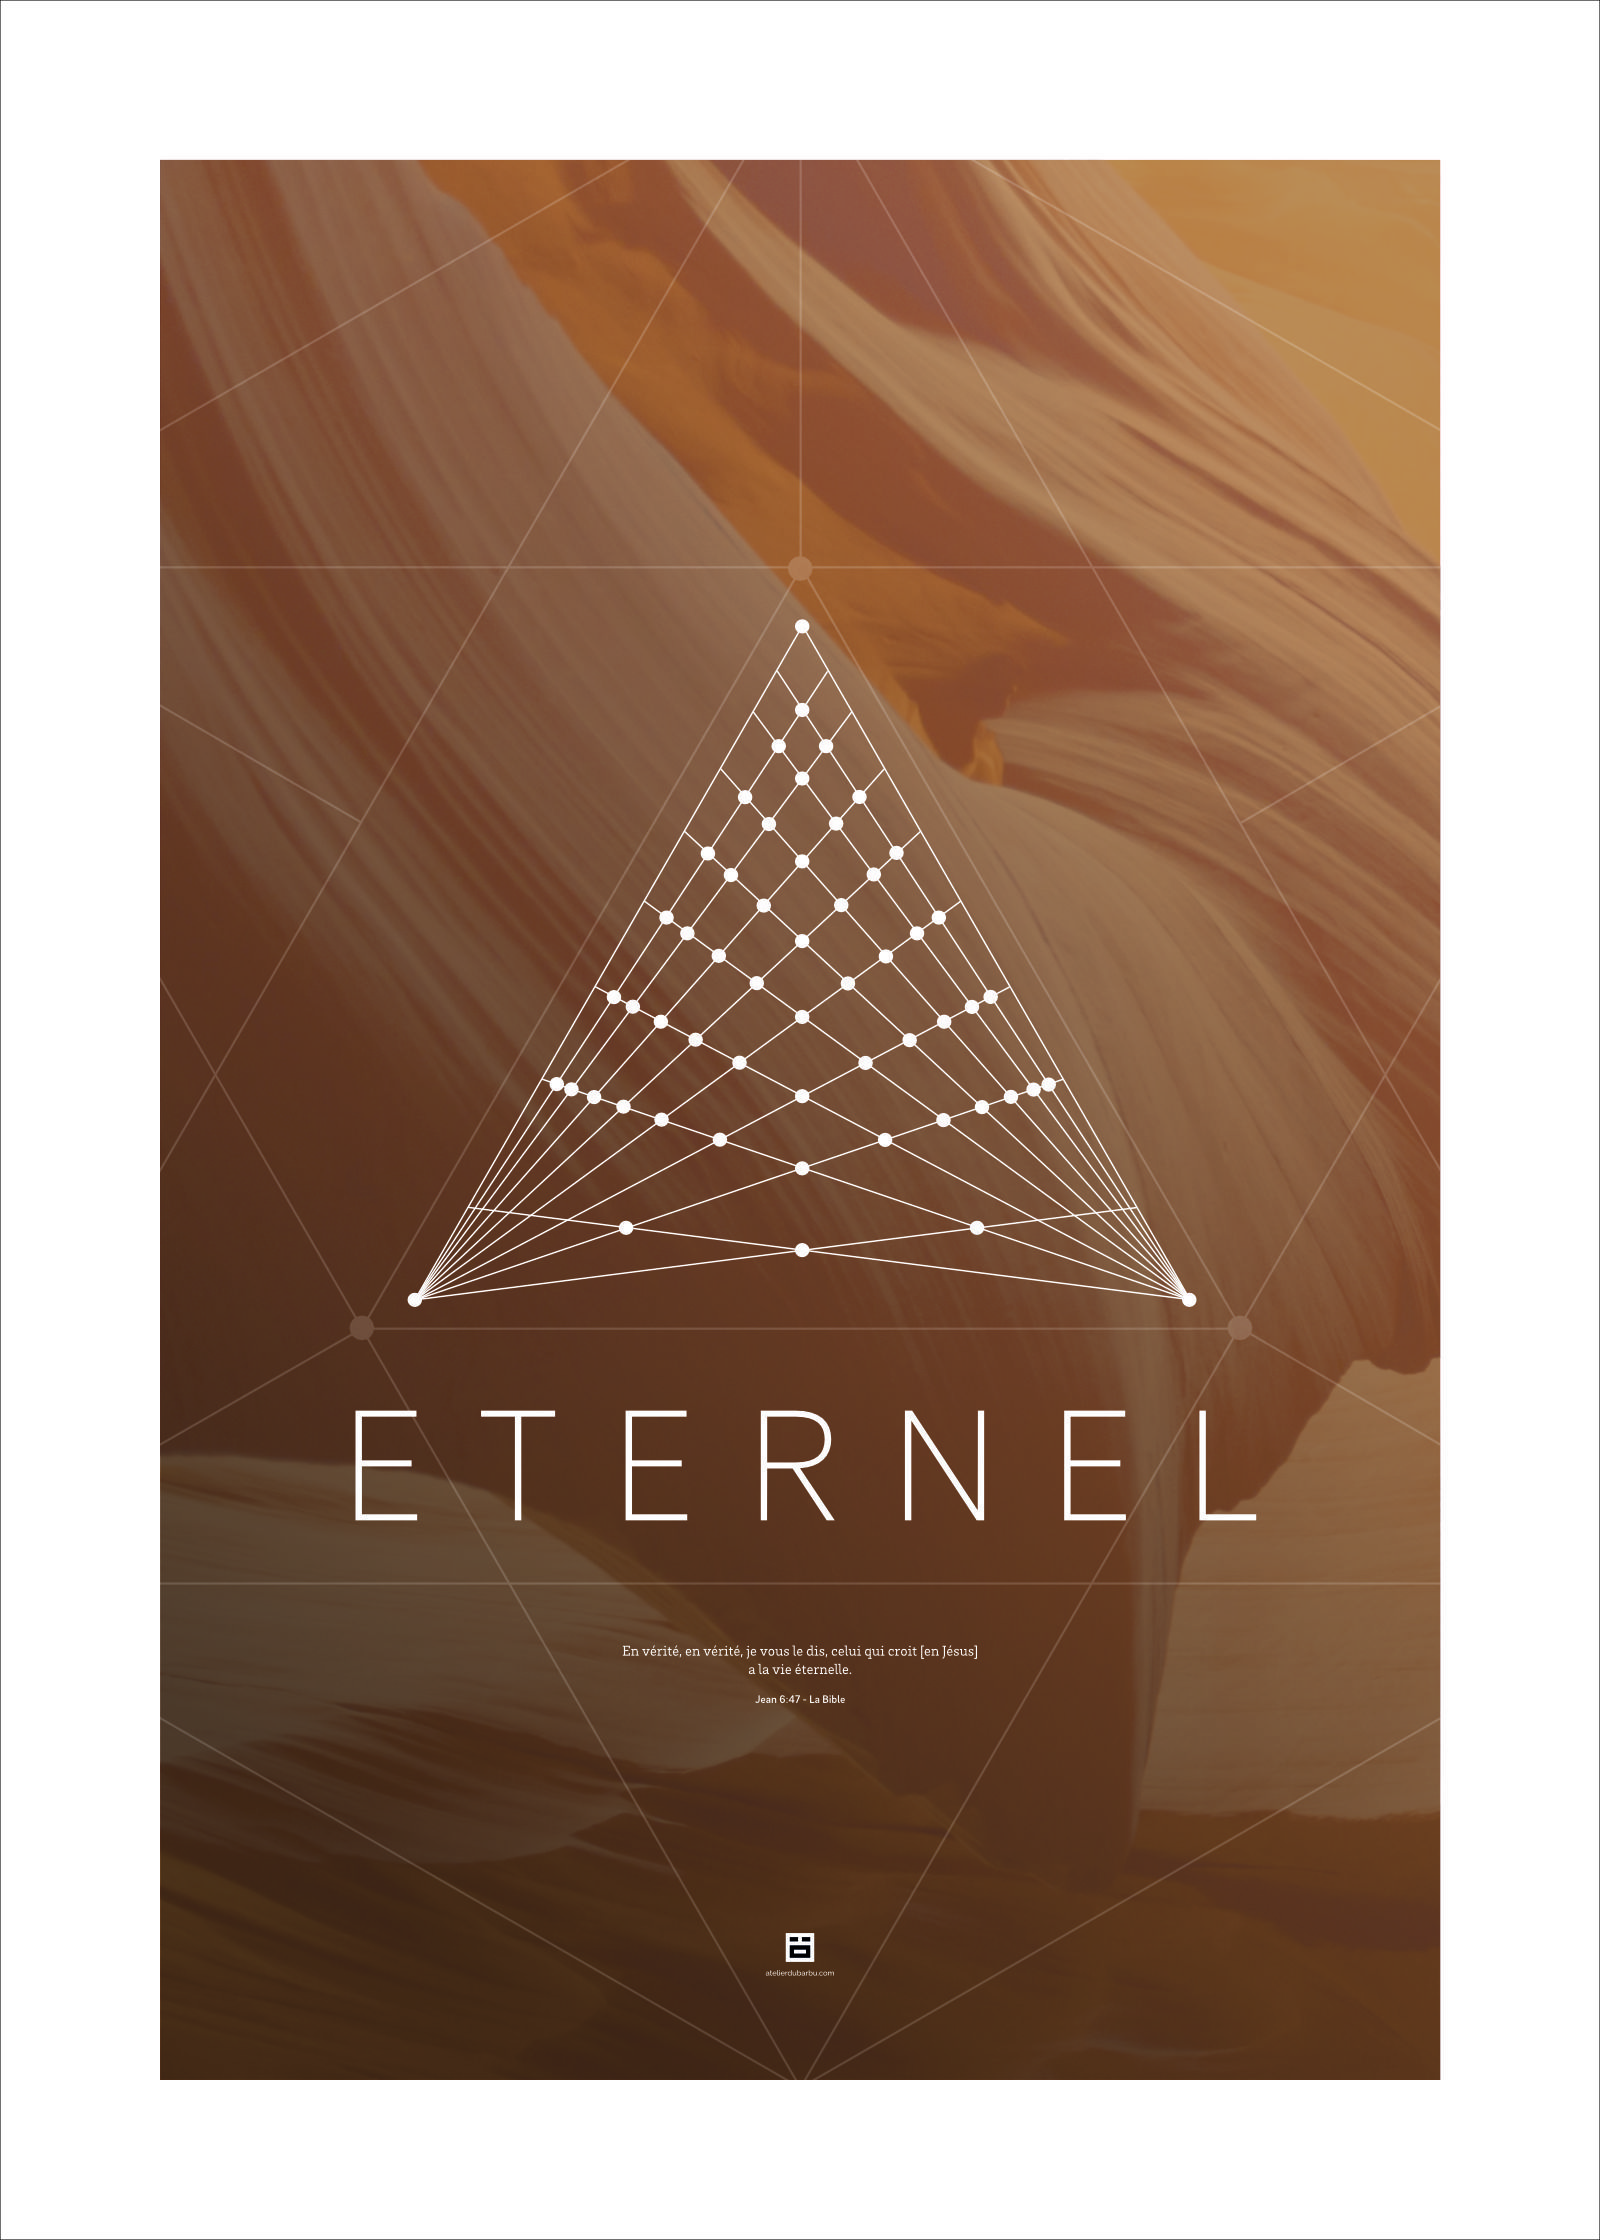 Poster 50x70cm - Eternel - atelierdubarbu.com - certitude.fr - #bible #verset #poster #deco #print #design #minimalist #nature #dieu #eternel #chretien #amour #univers #moderne #filaire #vertoriel #geometrique